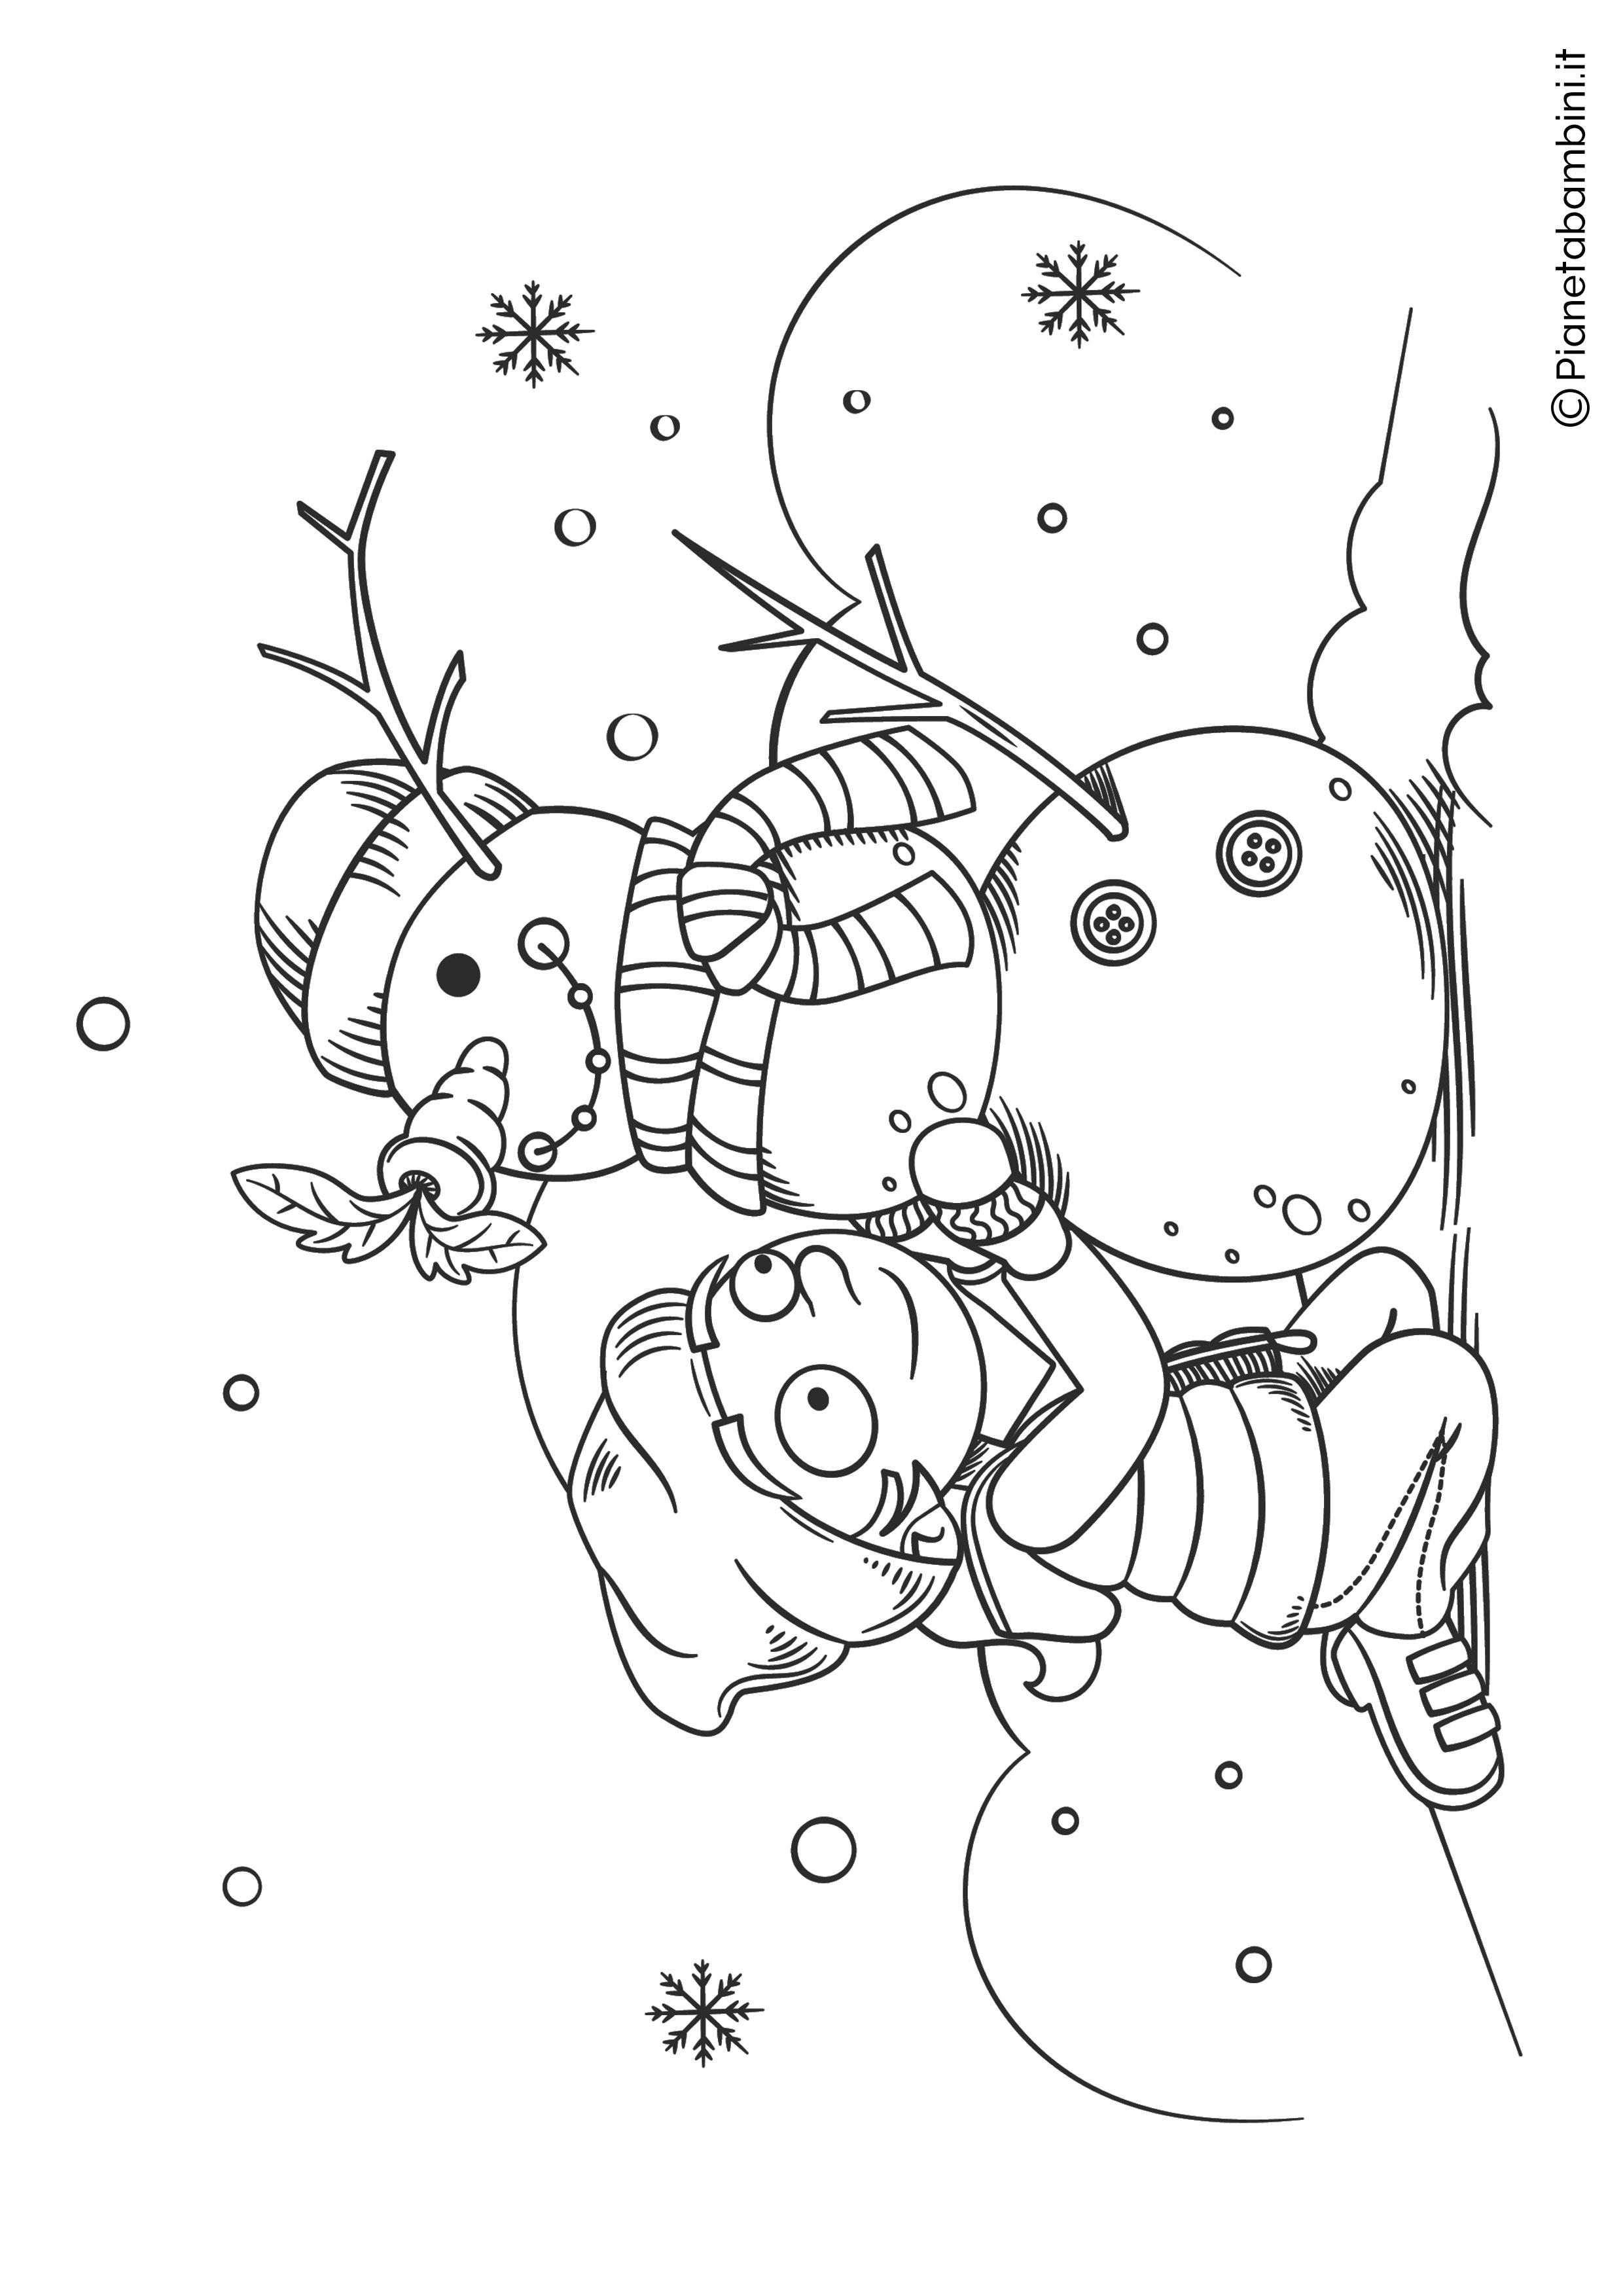 Disegno pupazzo di neve da colorare 19